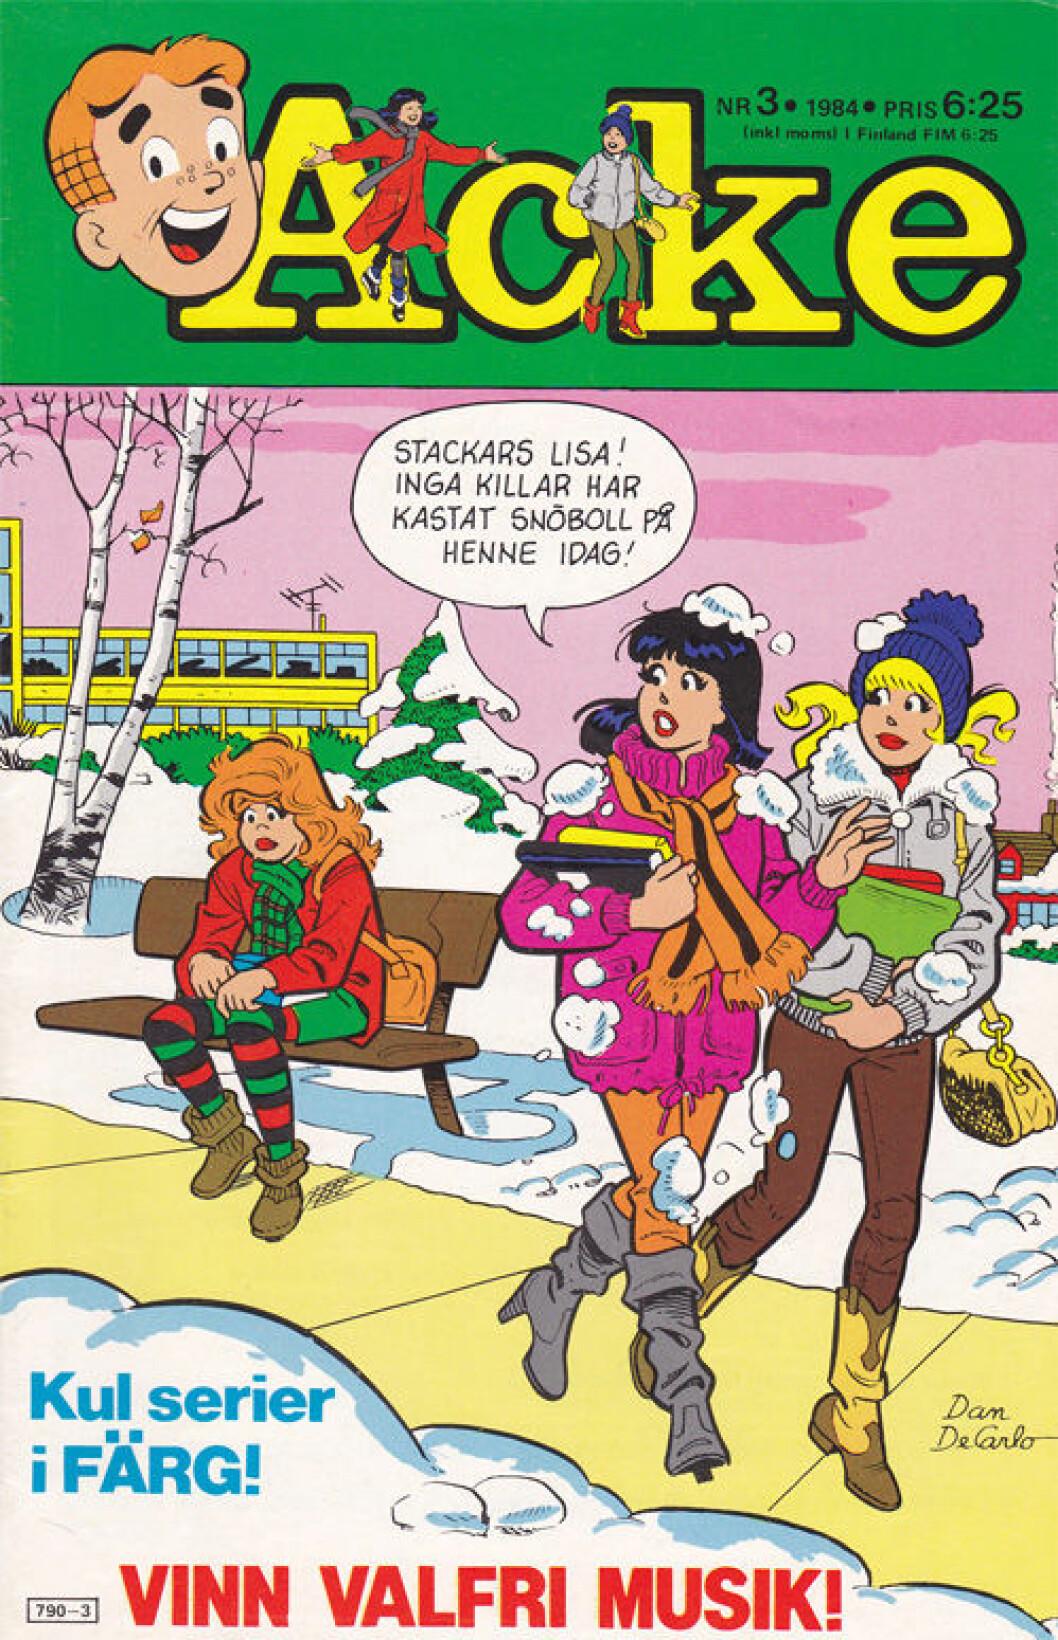 Minns ni serietidningen Acke? Riverdale är baserad på just den tidningen.